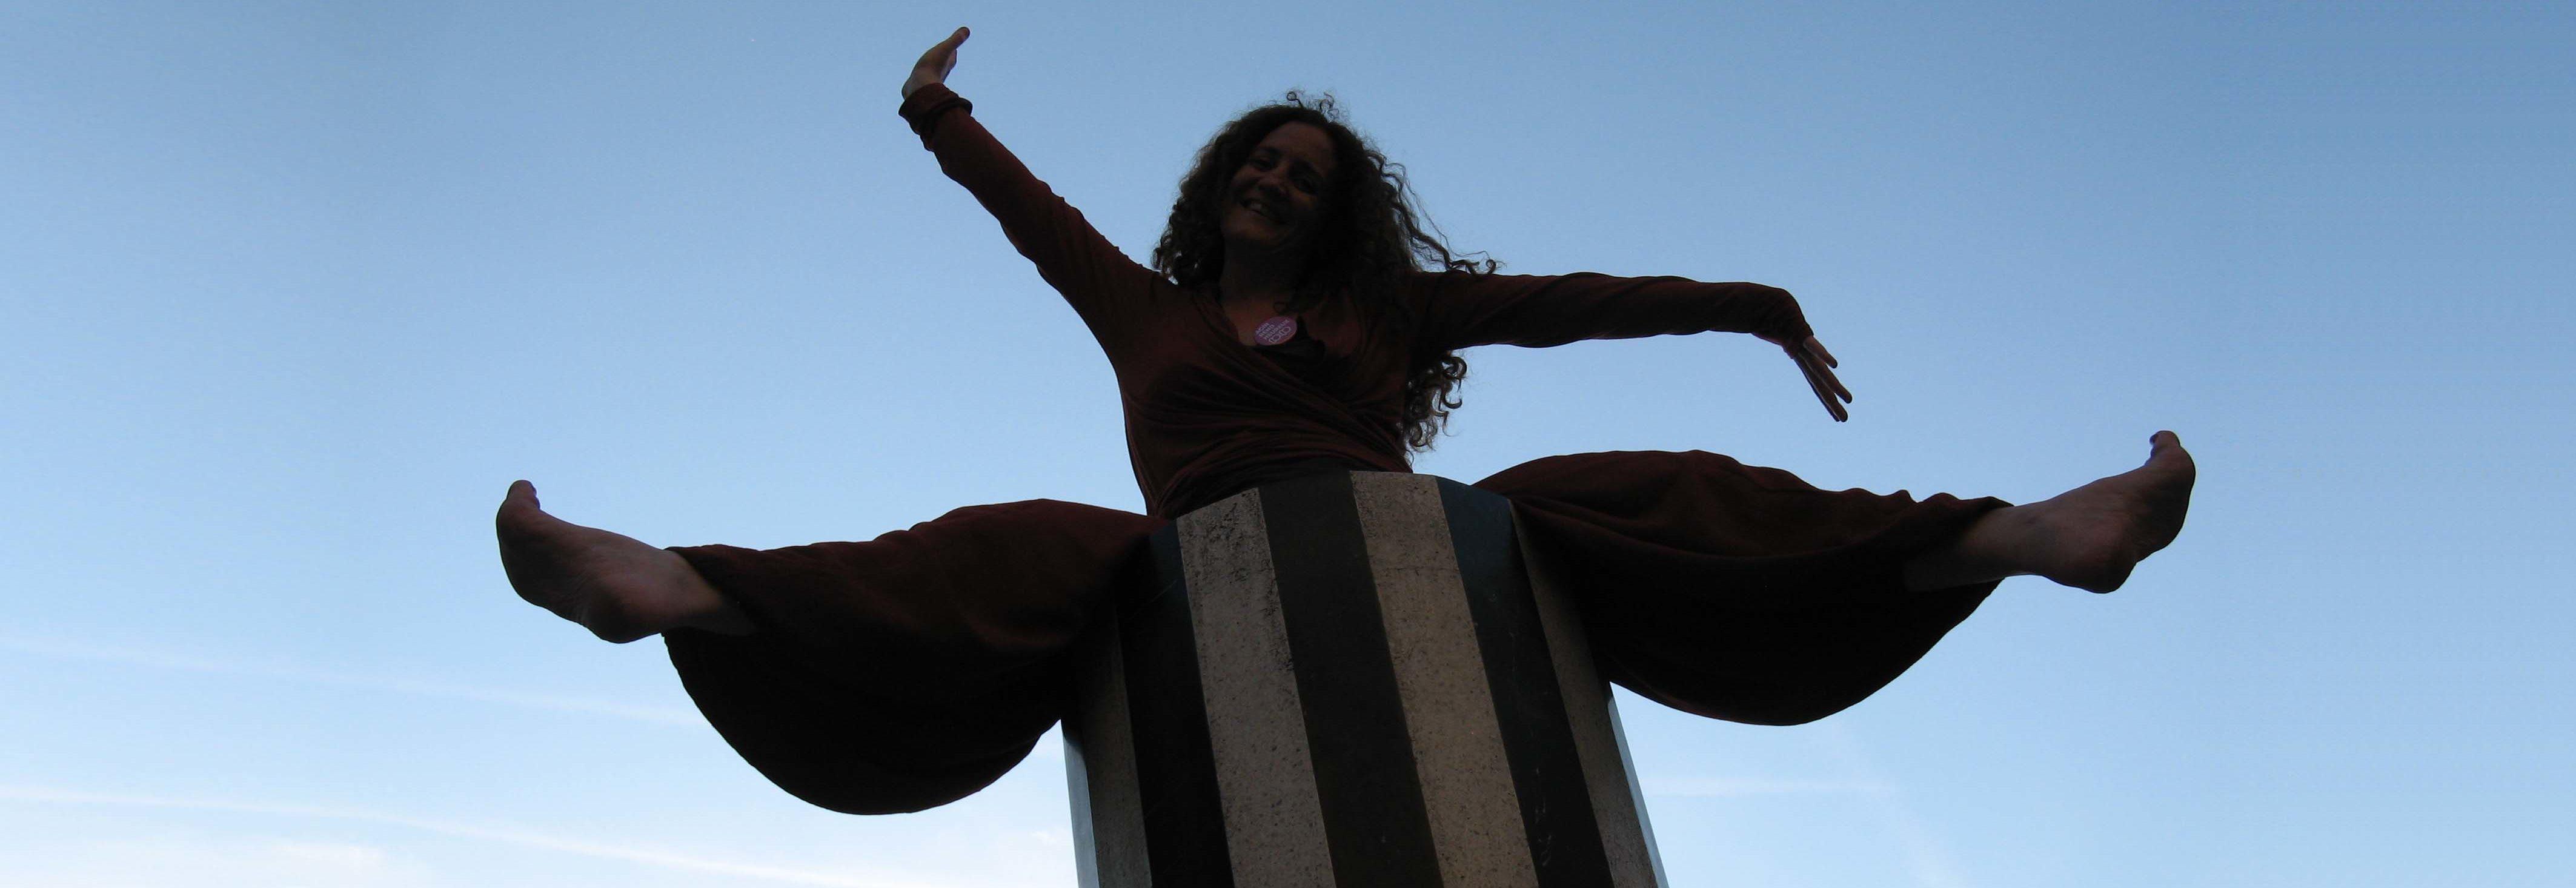 Nathalie Gilly Zoupitizoup